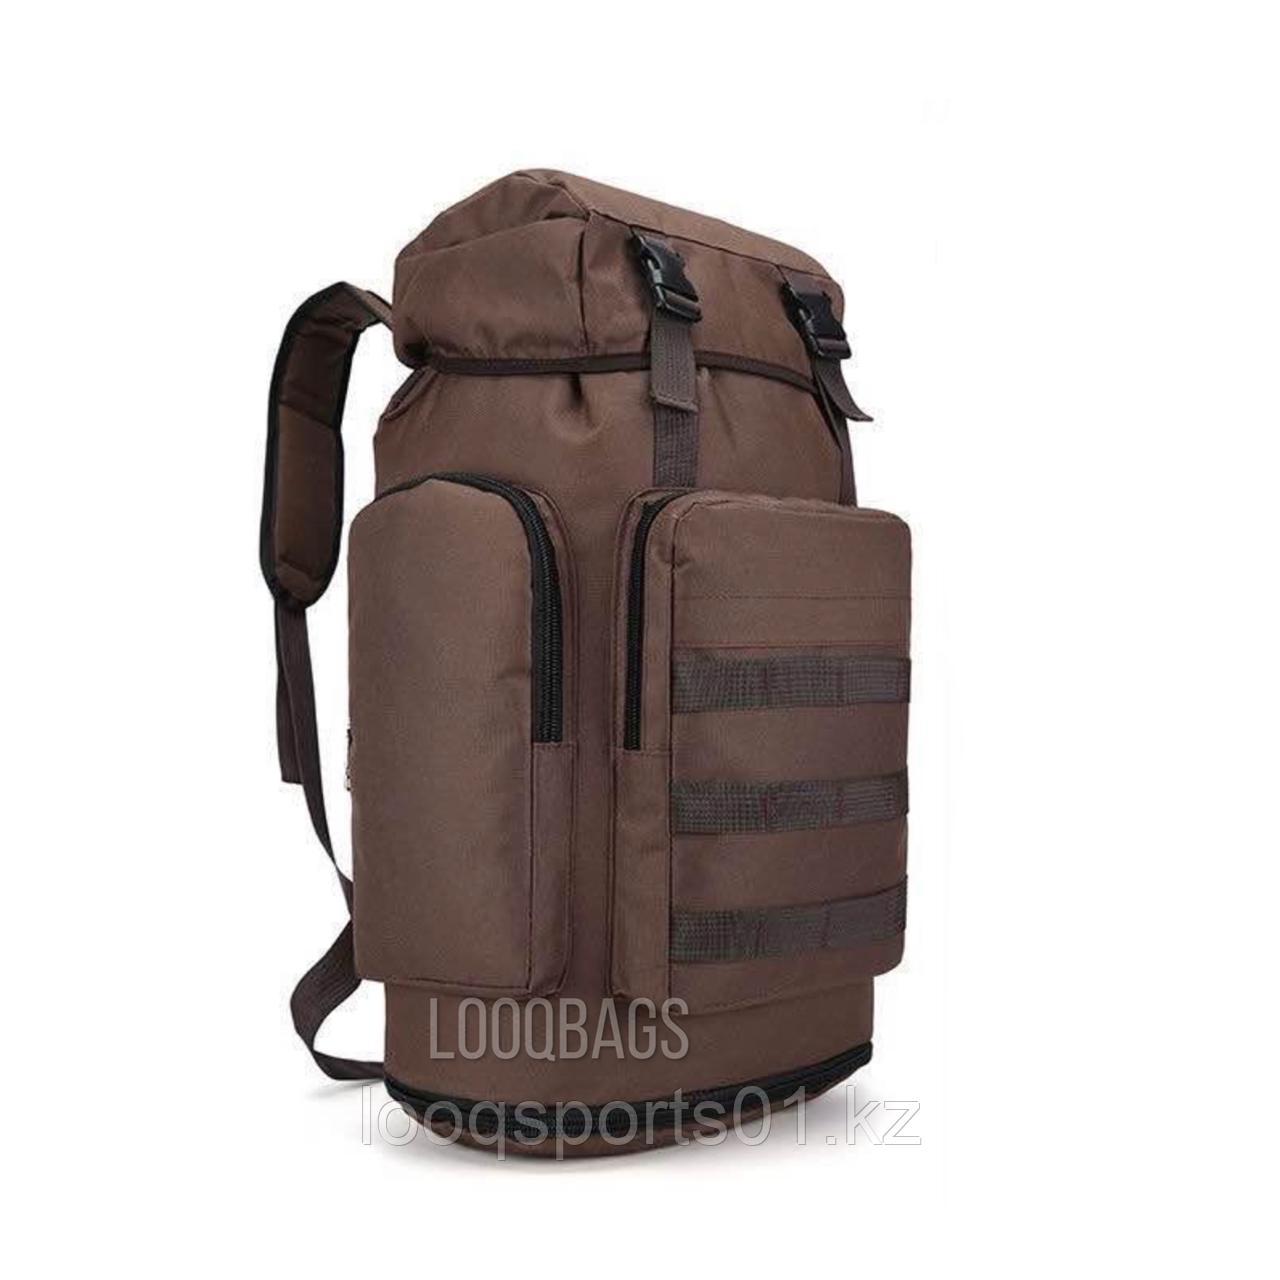 Большой cпортивный дорожный рюкзак (тактический, походный) 6808